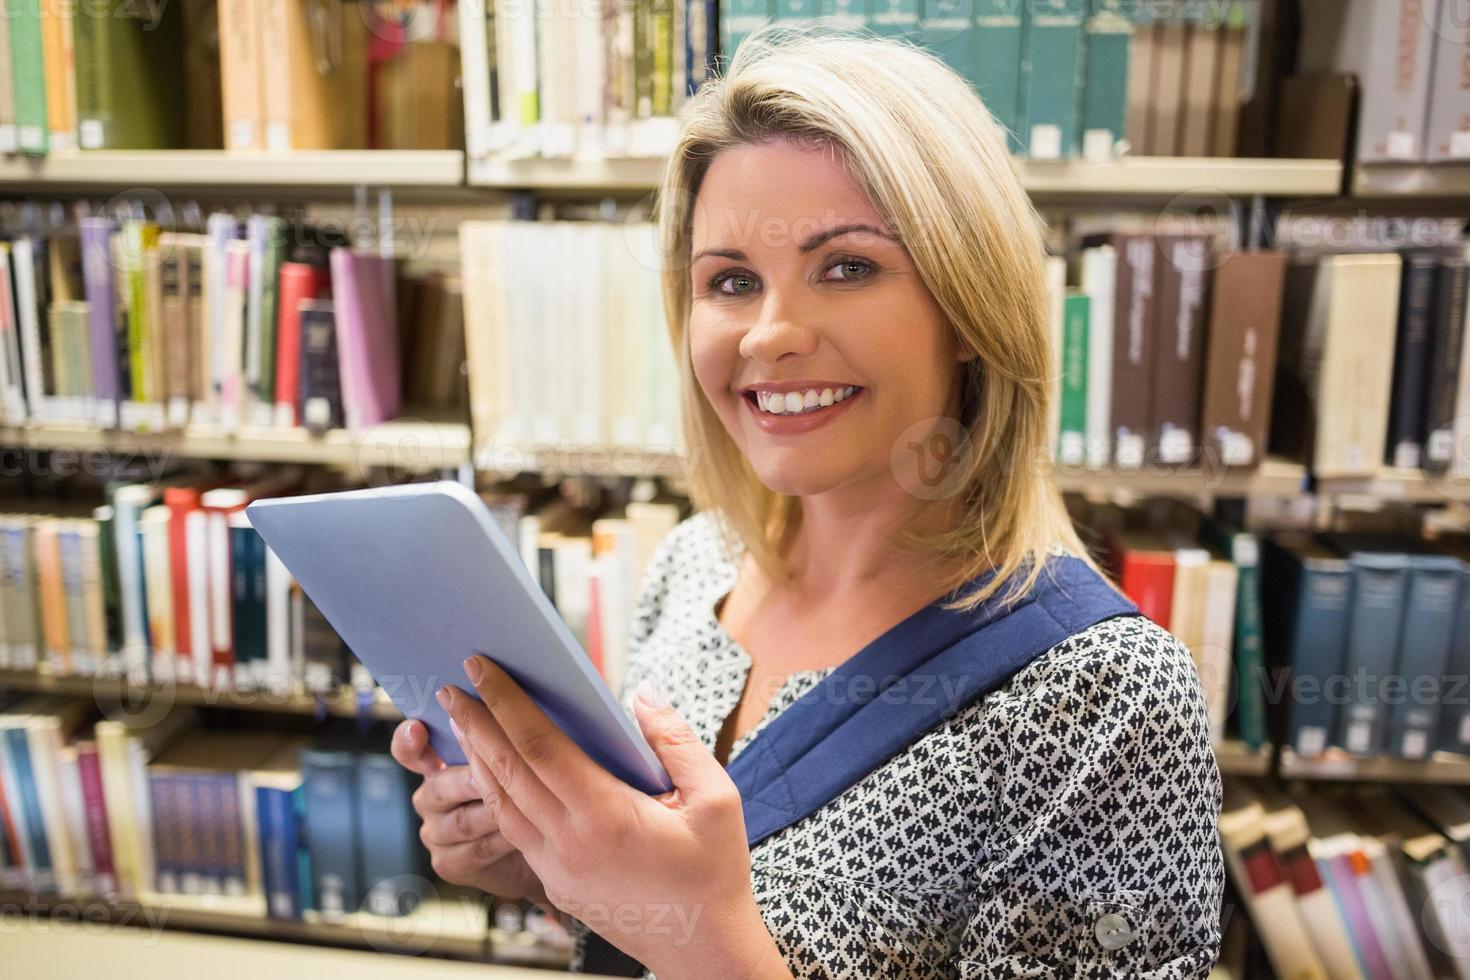 volwassen student met behulp van tablet in bibliotheek foto